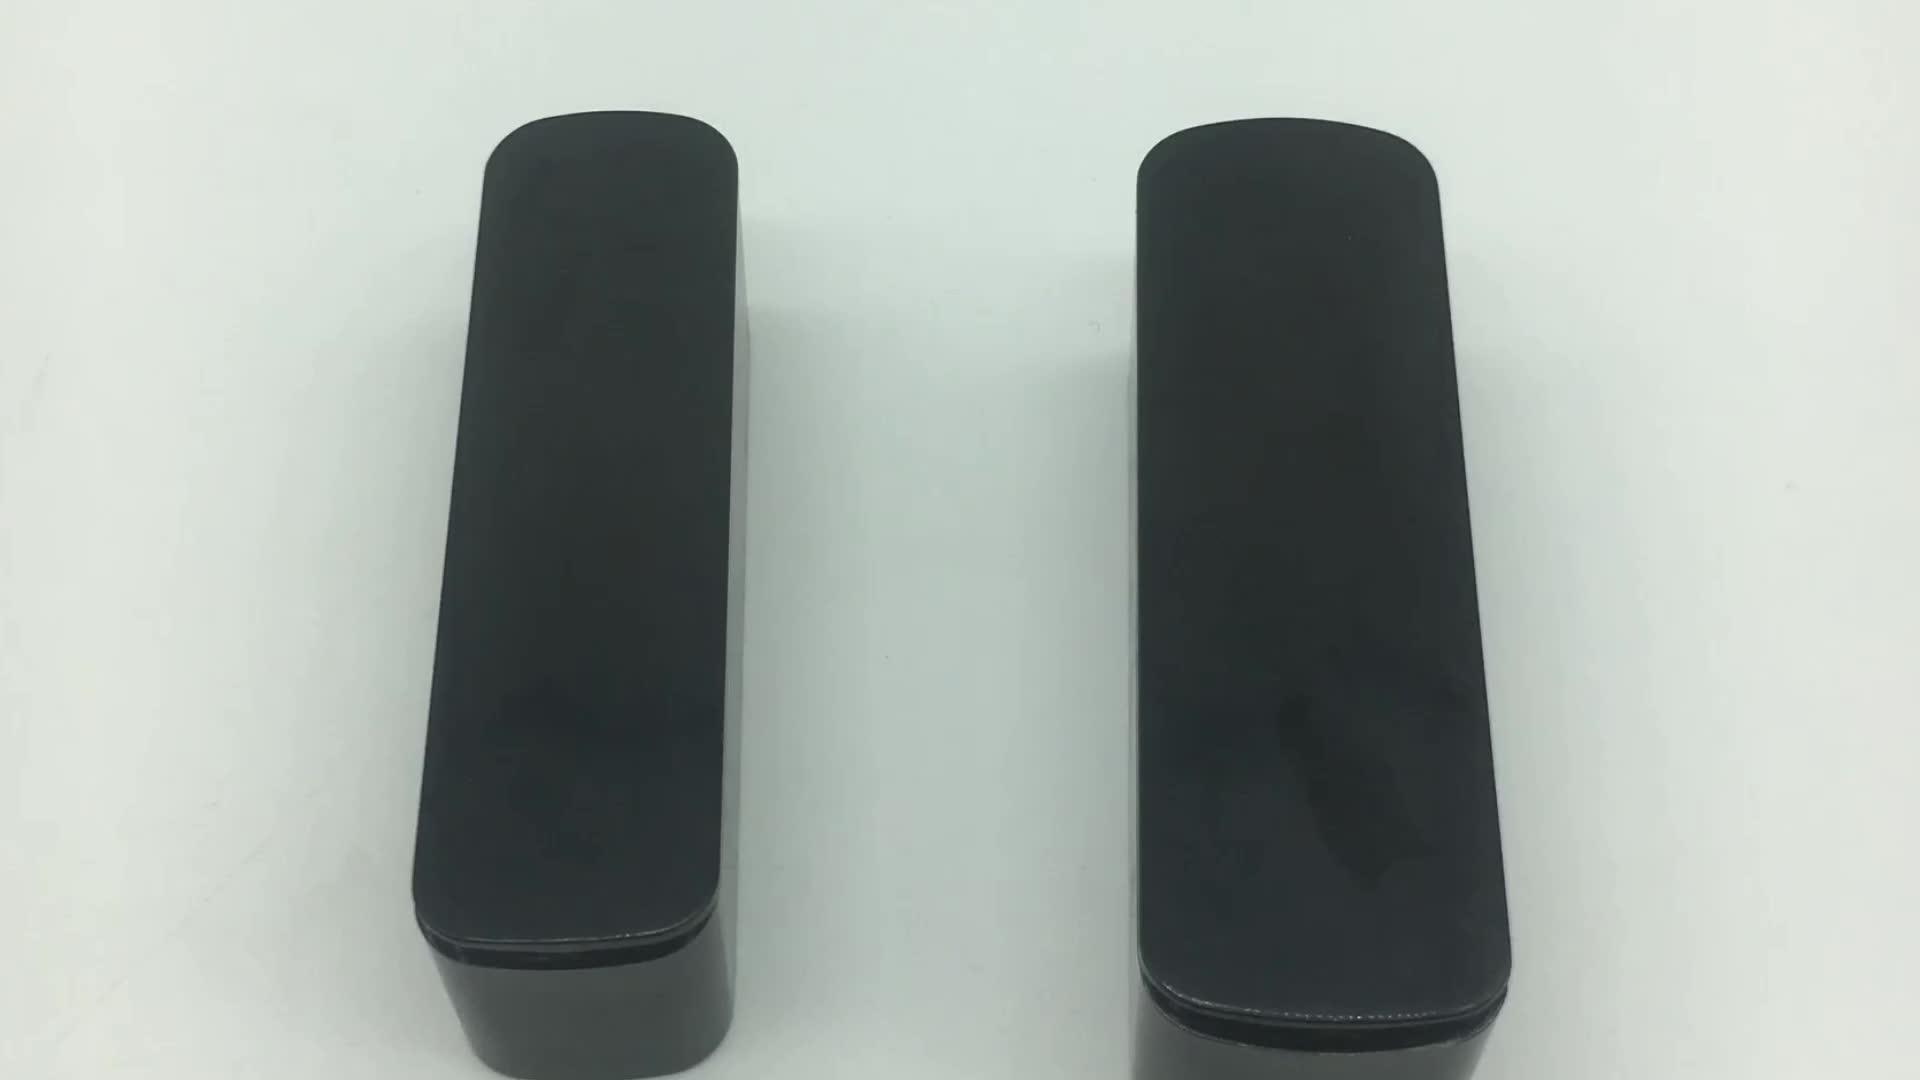 Al por mayor de la fábrica de caja de sello resistente dimensiones útil portátil impermeable de la Oficina sellos de plástico caso